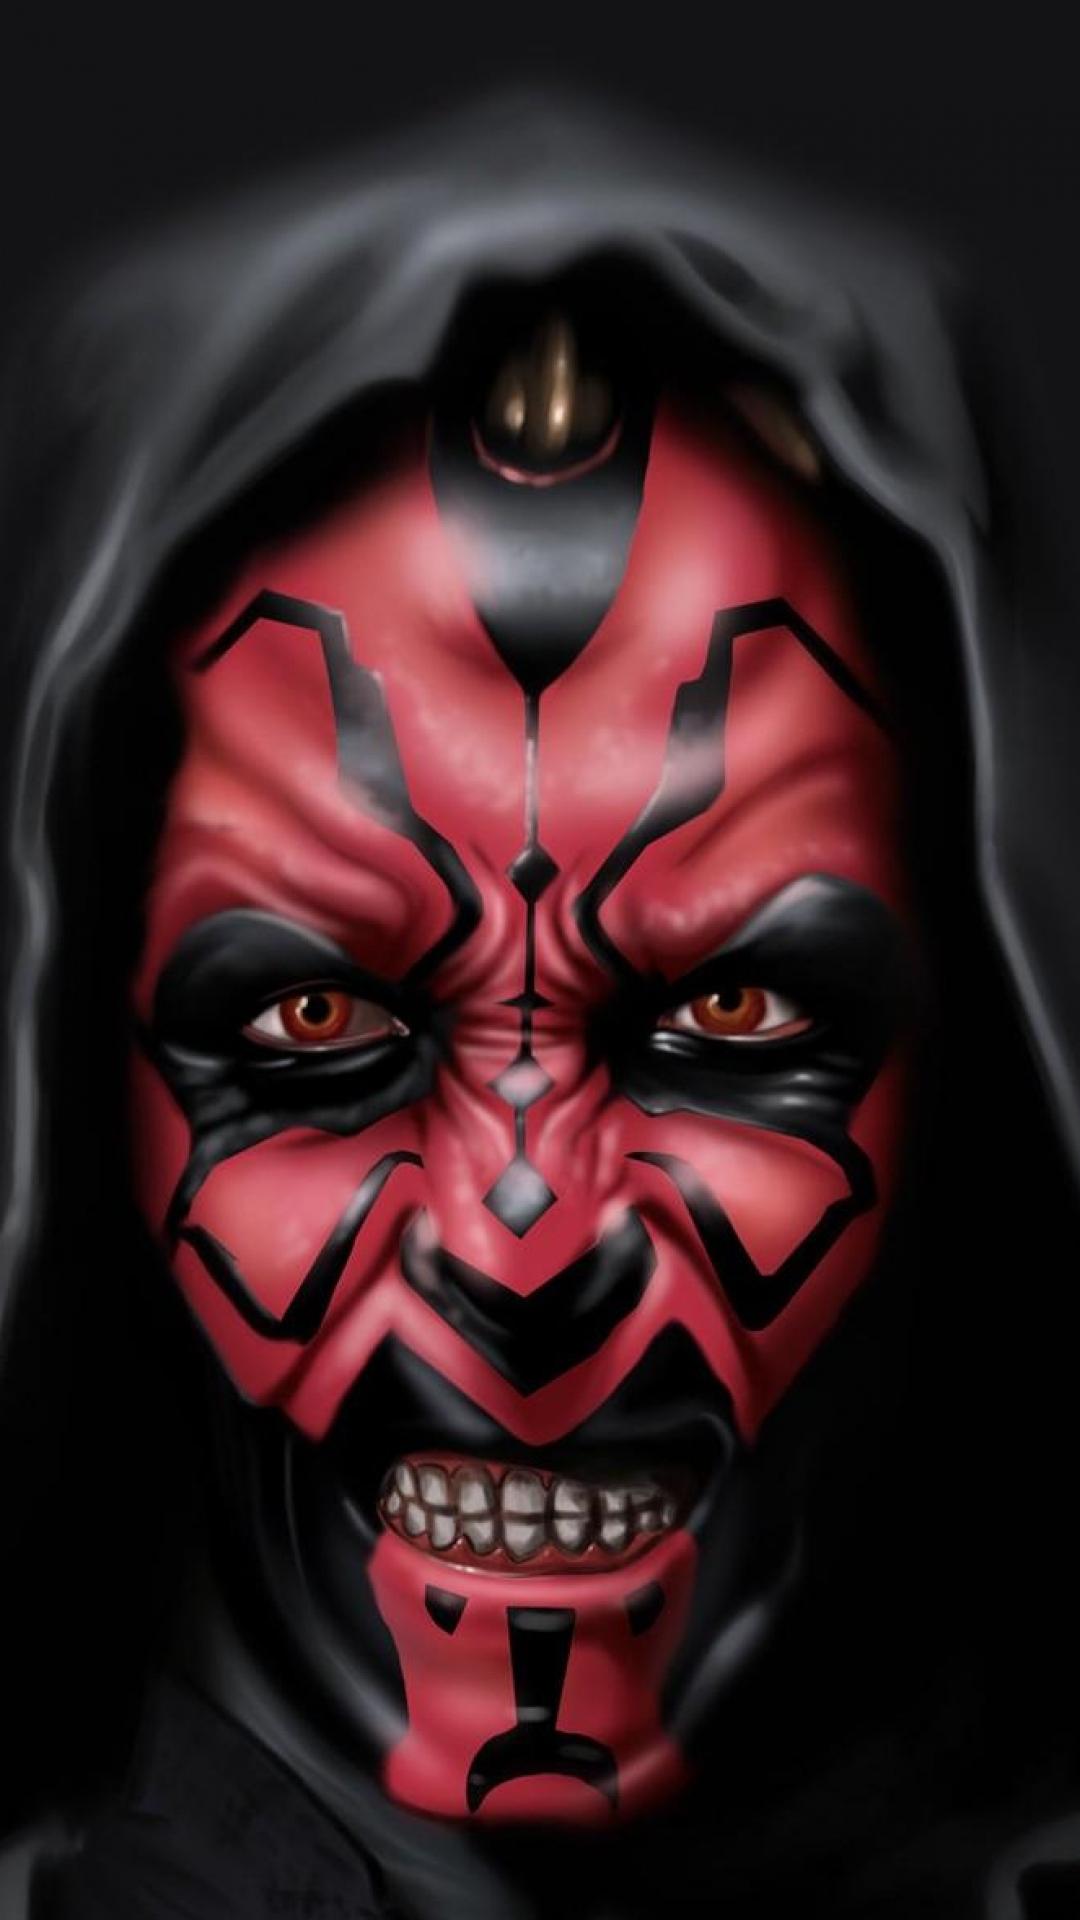 sith_star_wars_darth_maul_dark_side_62573_1080x1920.jpg